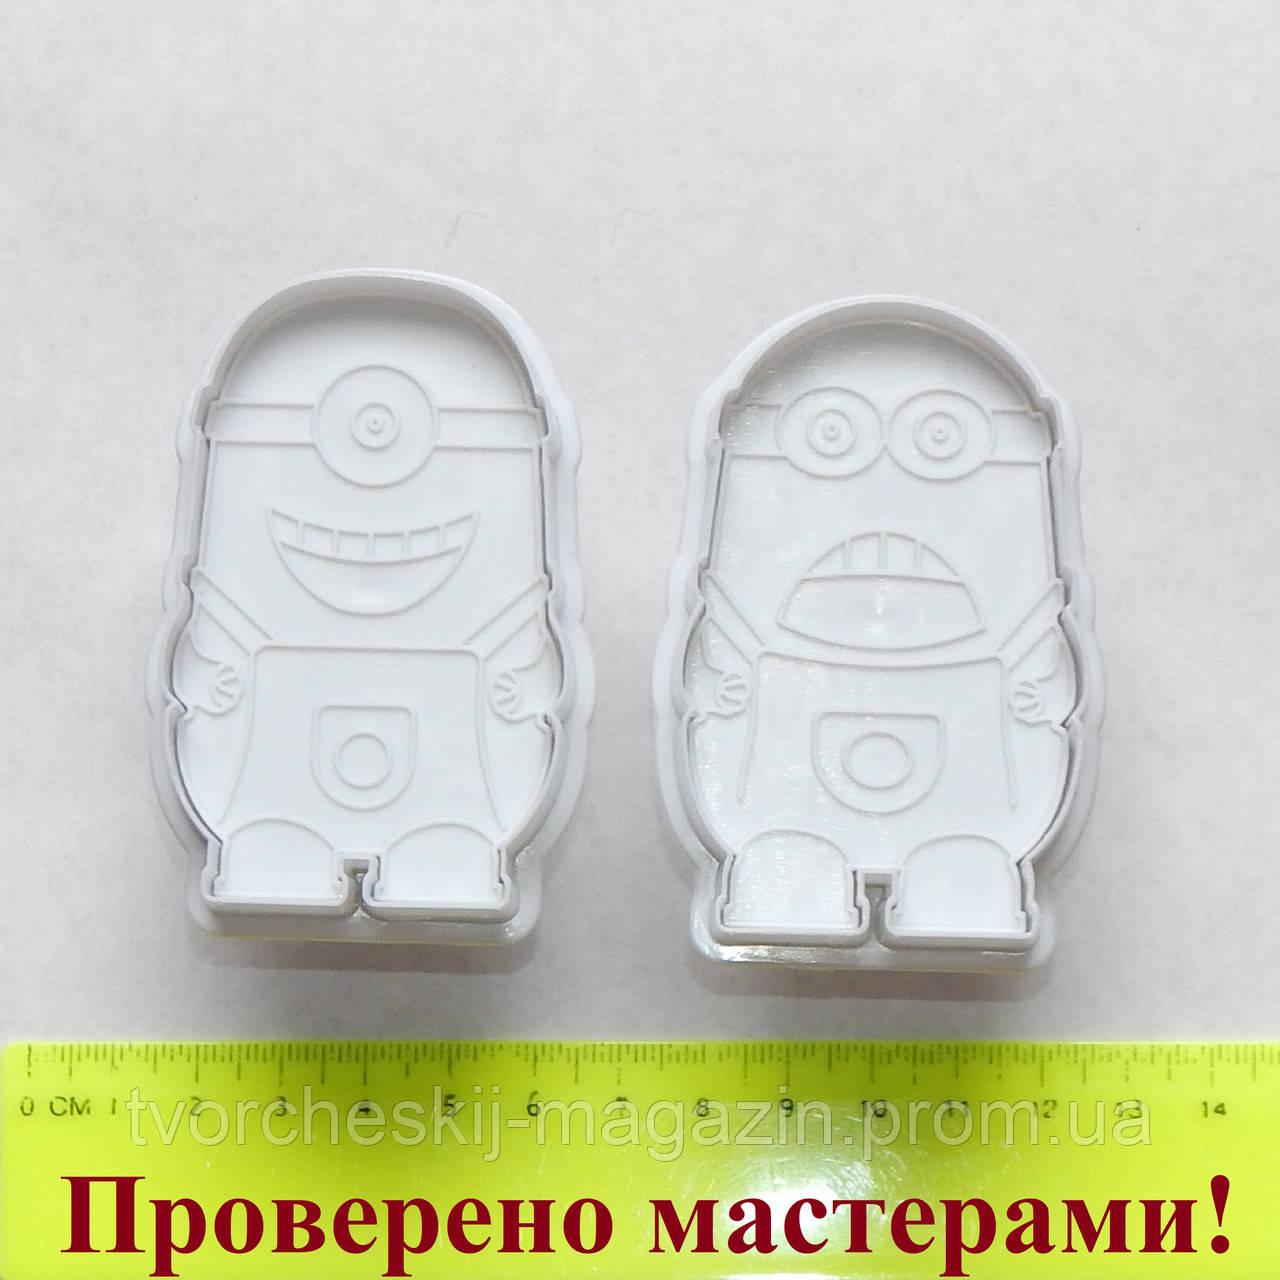 Плунжер Миньоны, 2 шт. набор, пластик